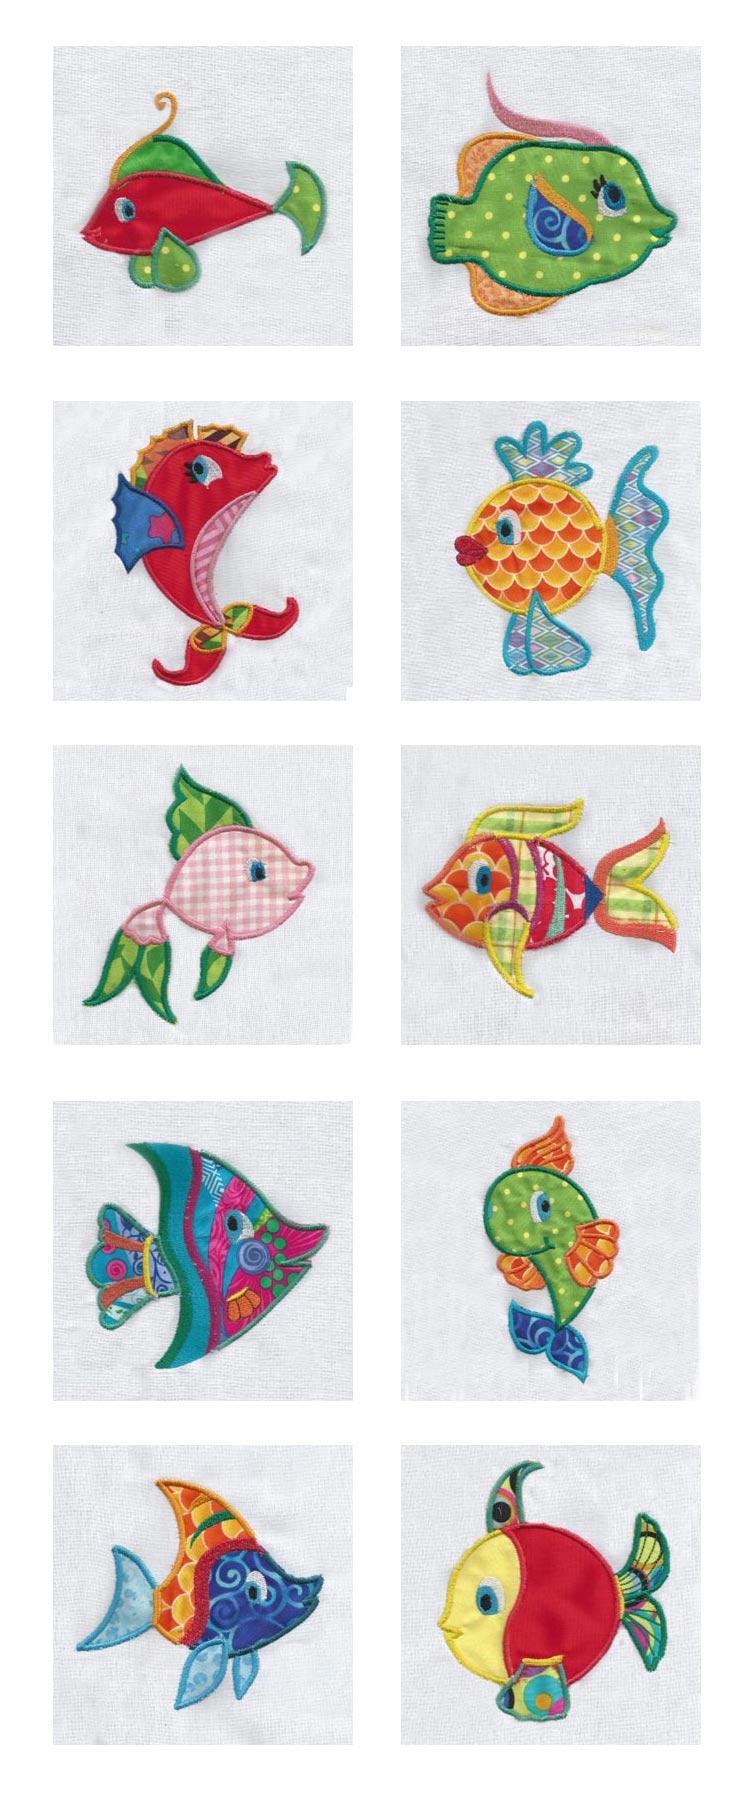 Embroidery Machine Design